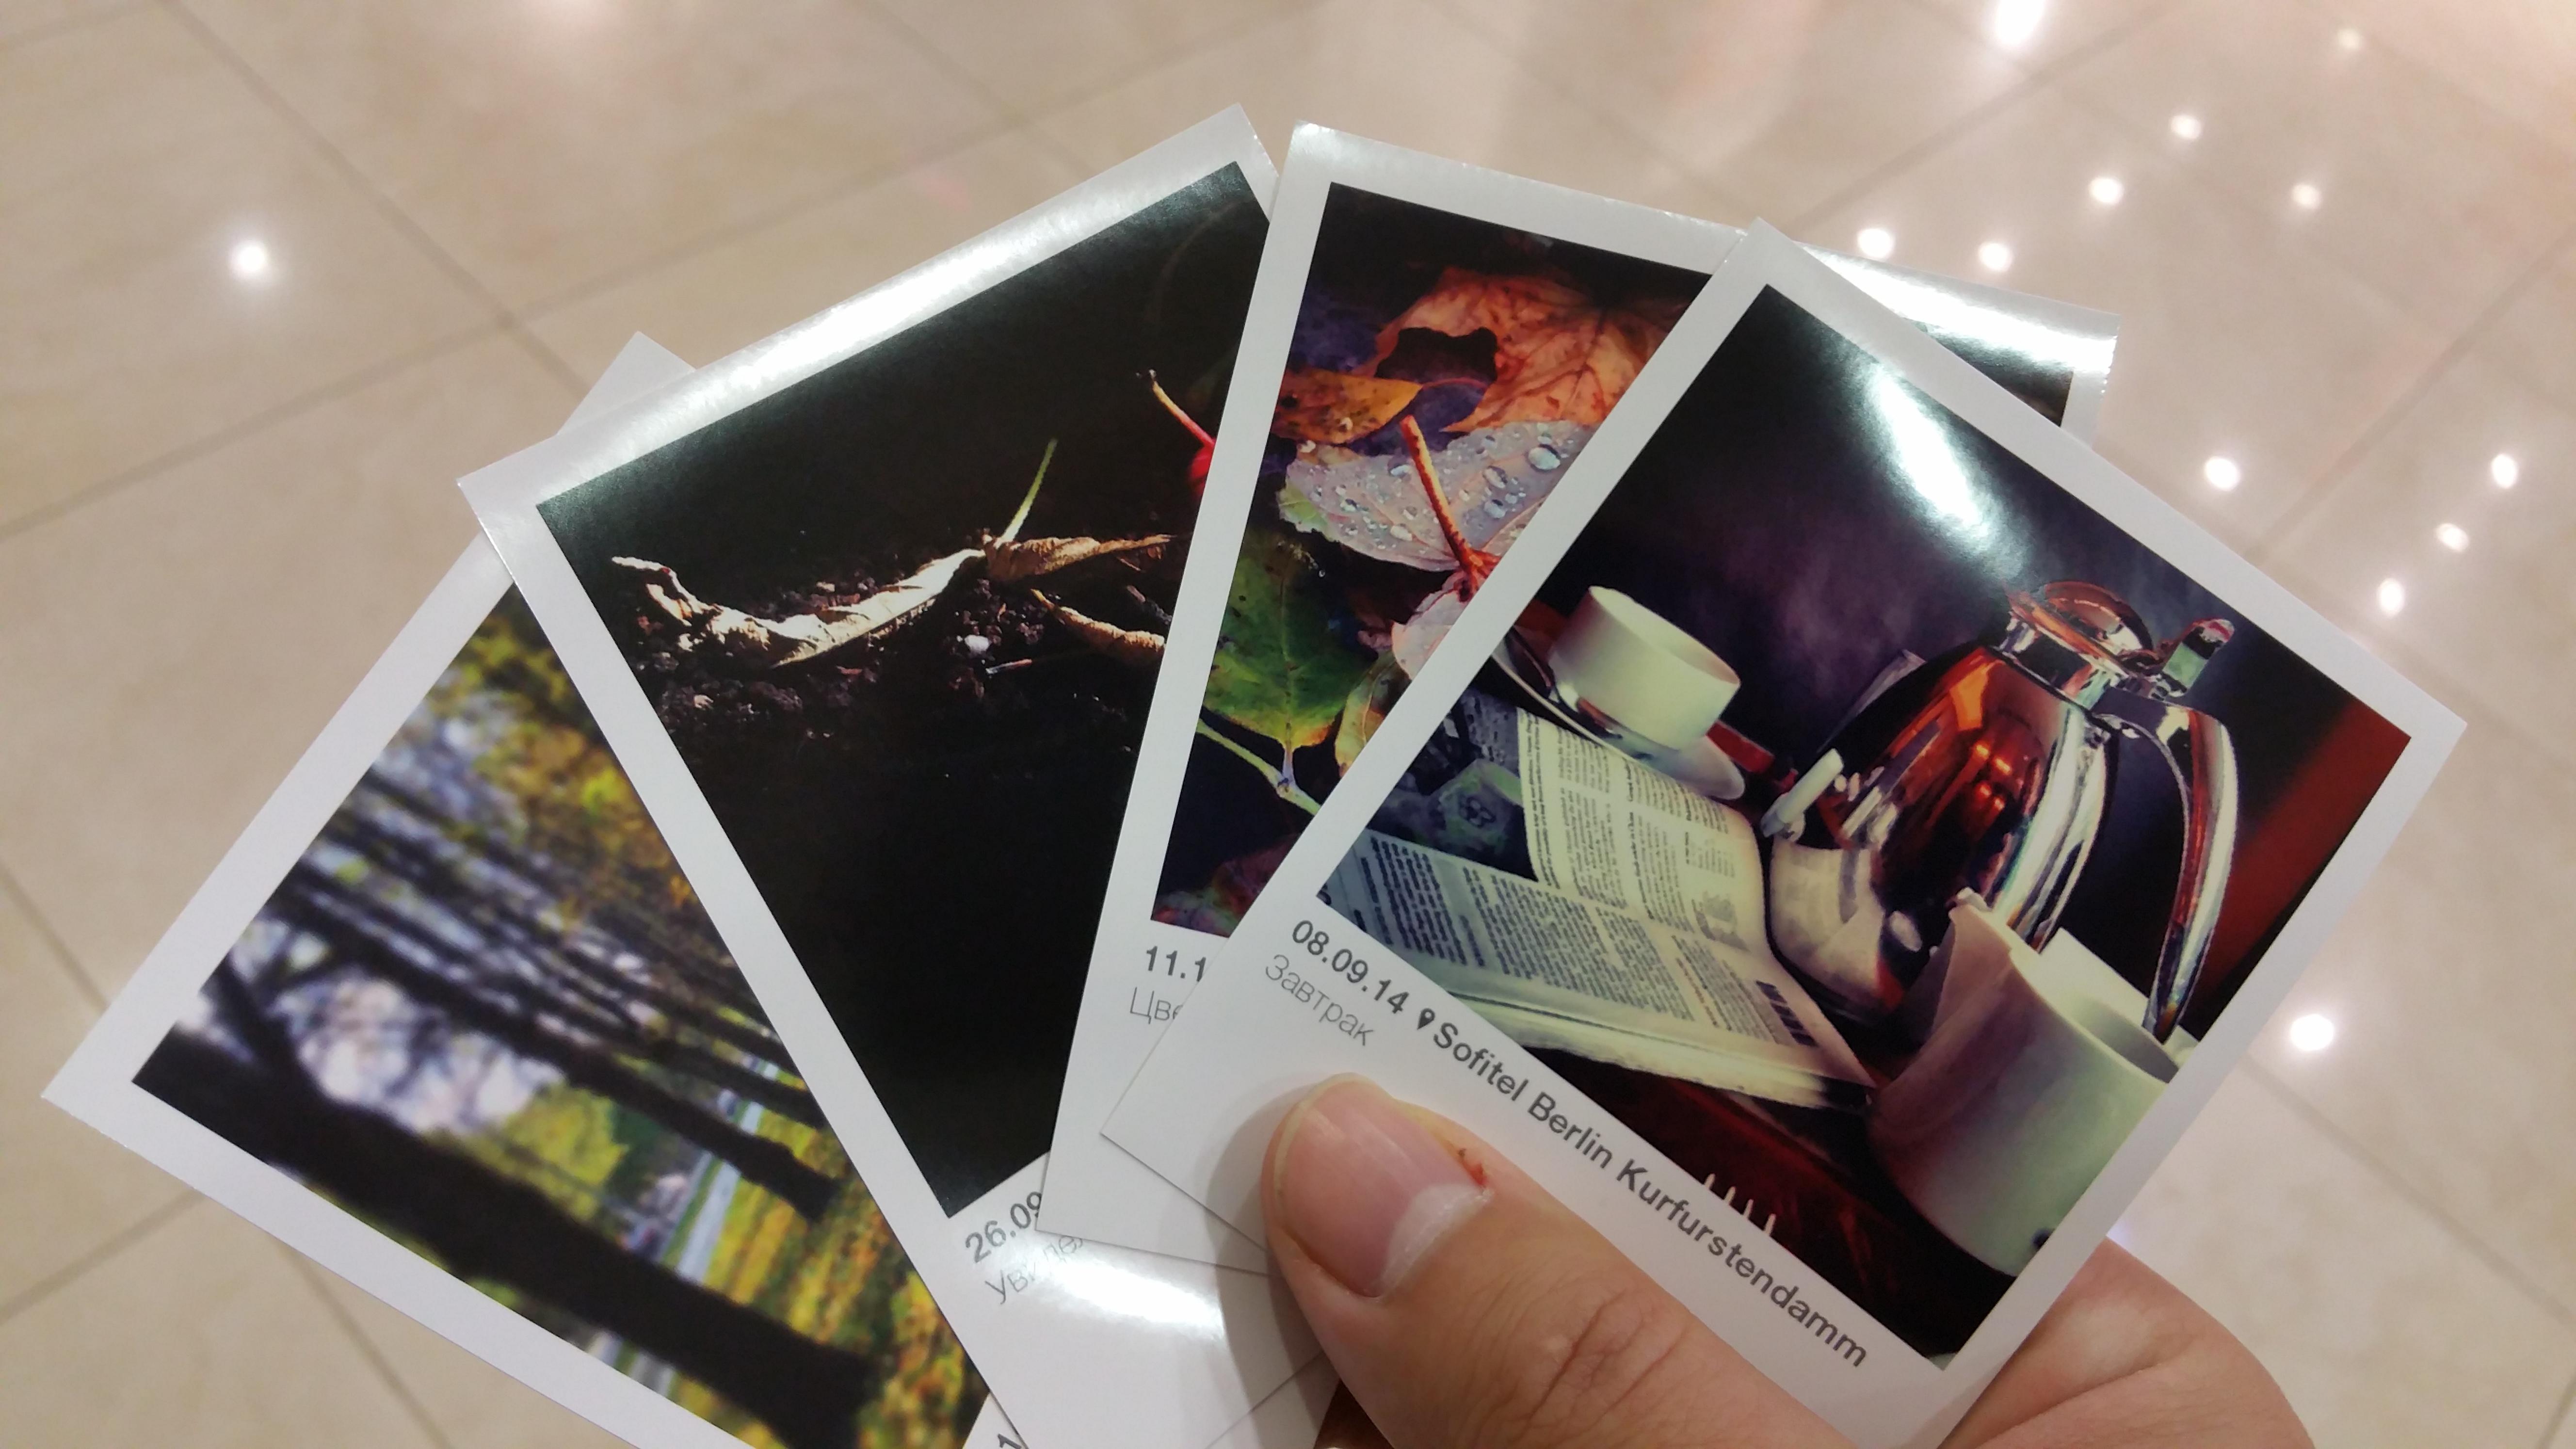 фотографии распечатанные с инстаграм